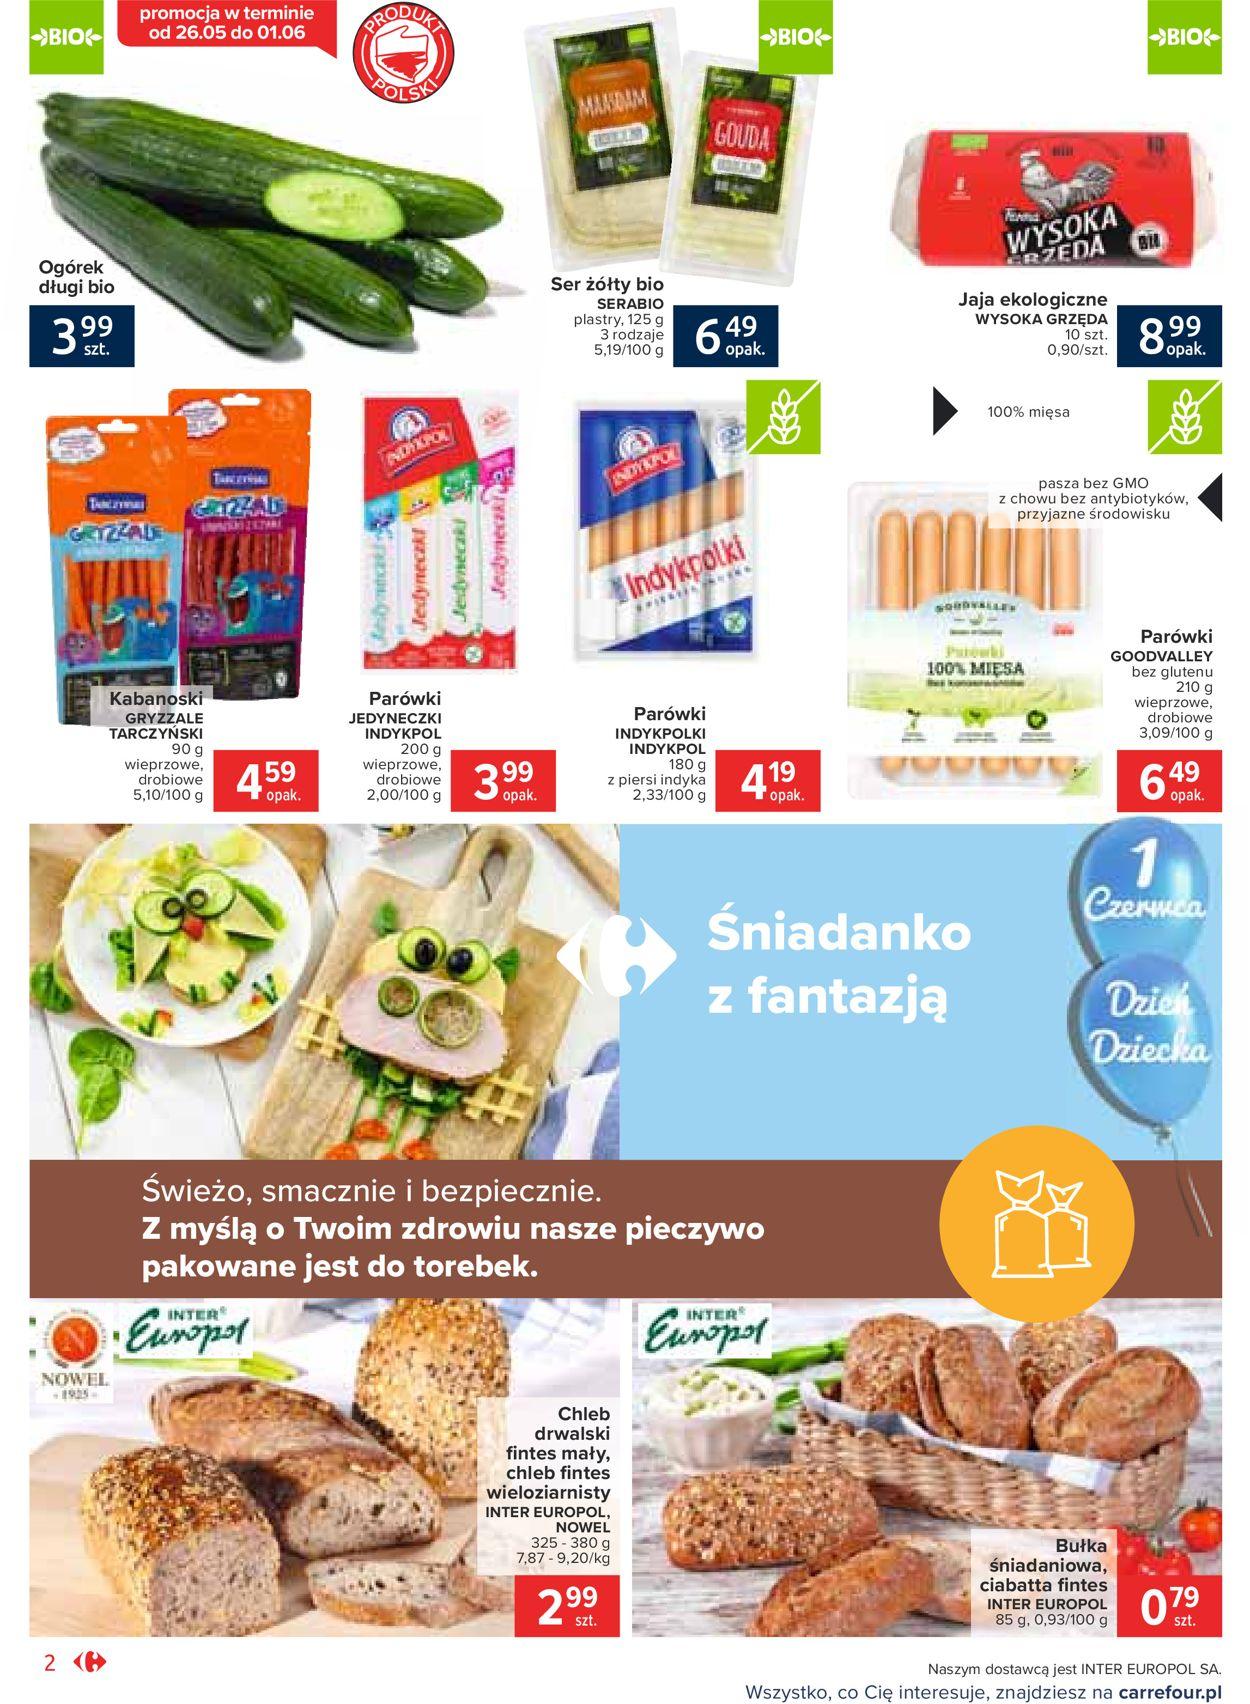 Gazetka promocyjna Carrefour - 26.05-06.06.2020 (Strona 2)